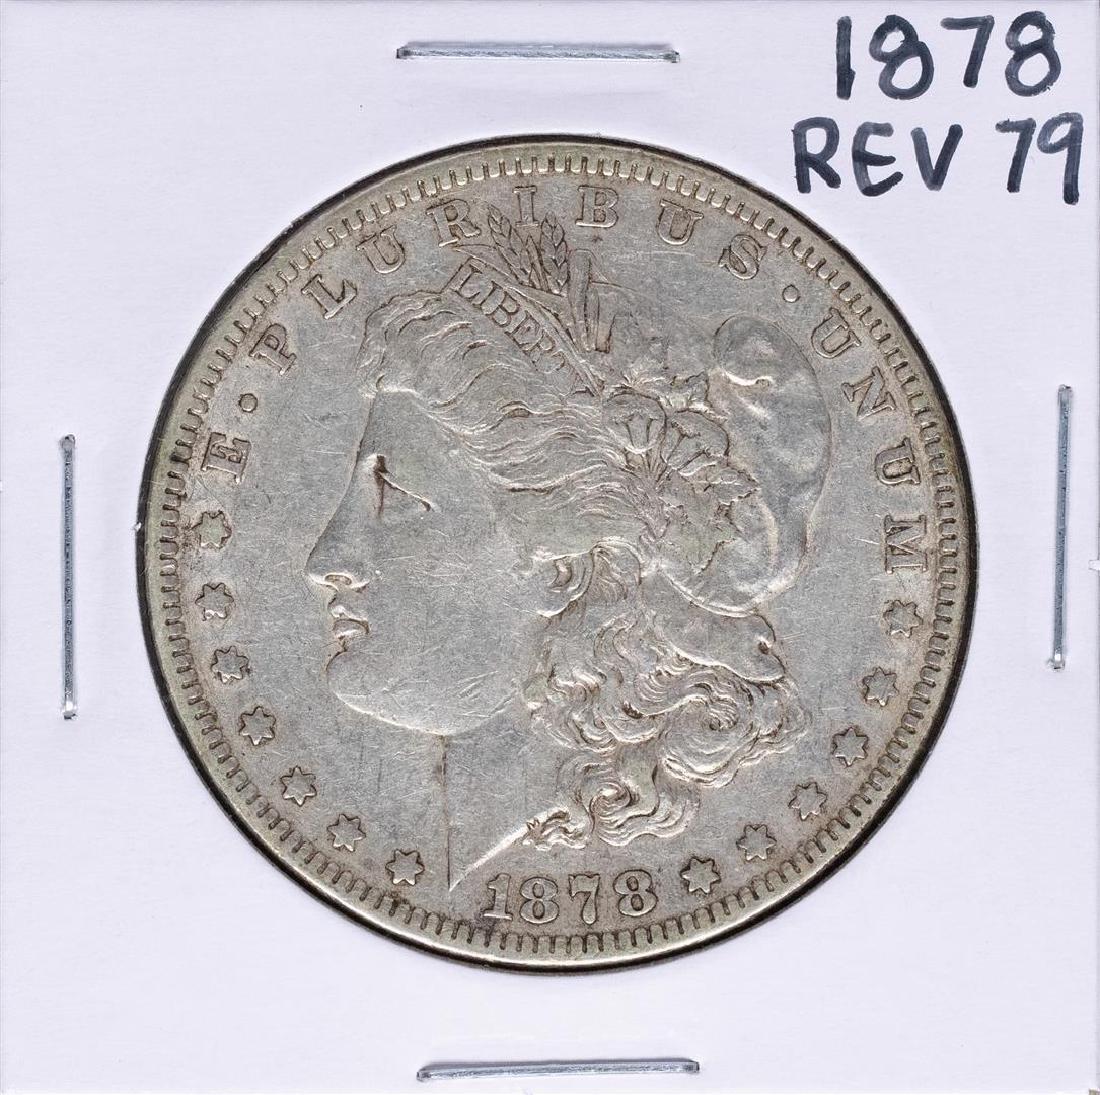 1878 Reverse of 79' $1 Morgan Silver Dollar Coin